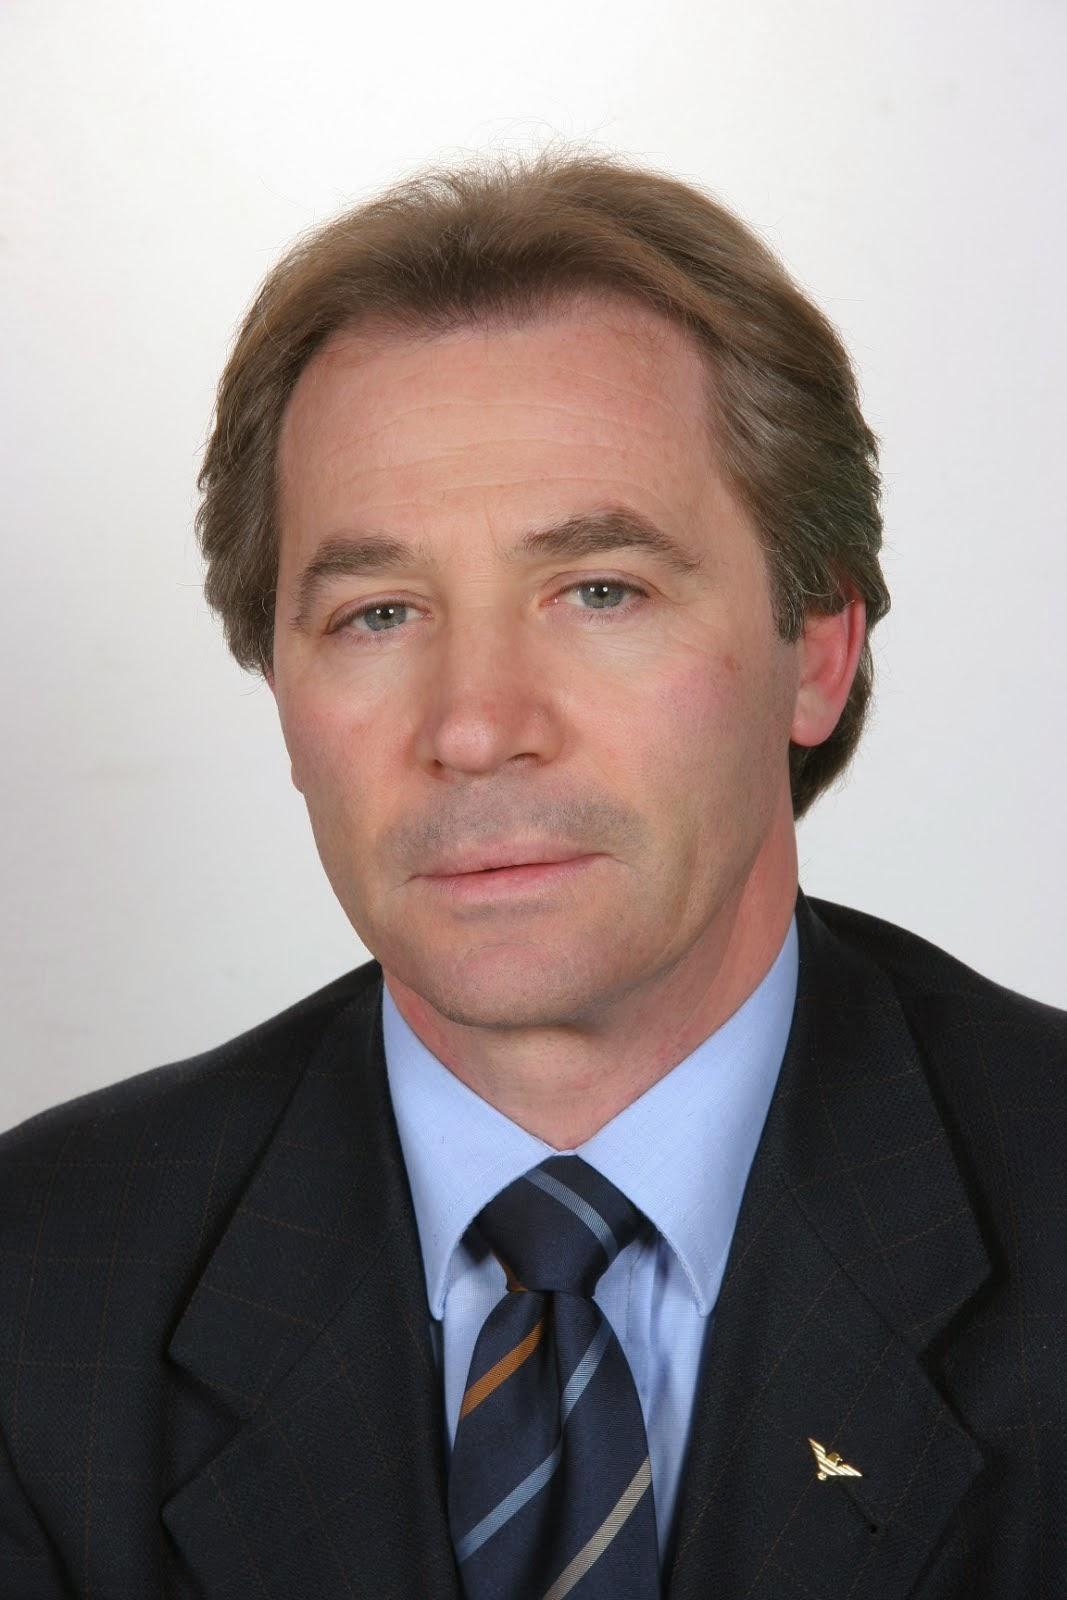 Dott. Gaetano Balena